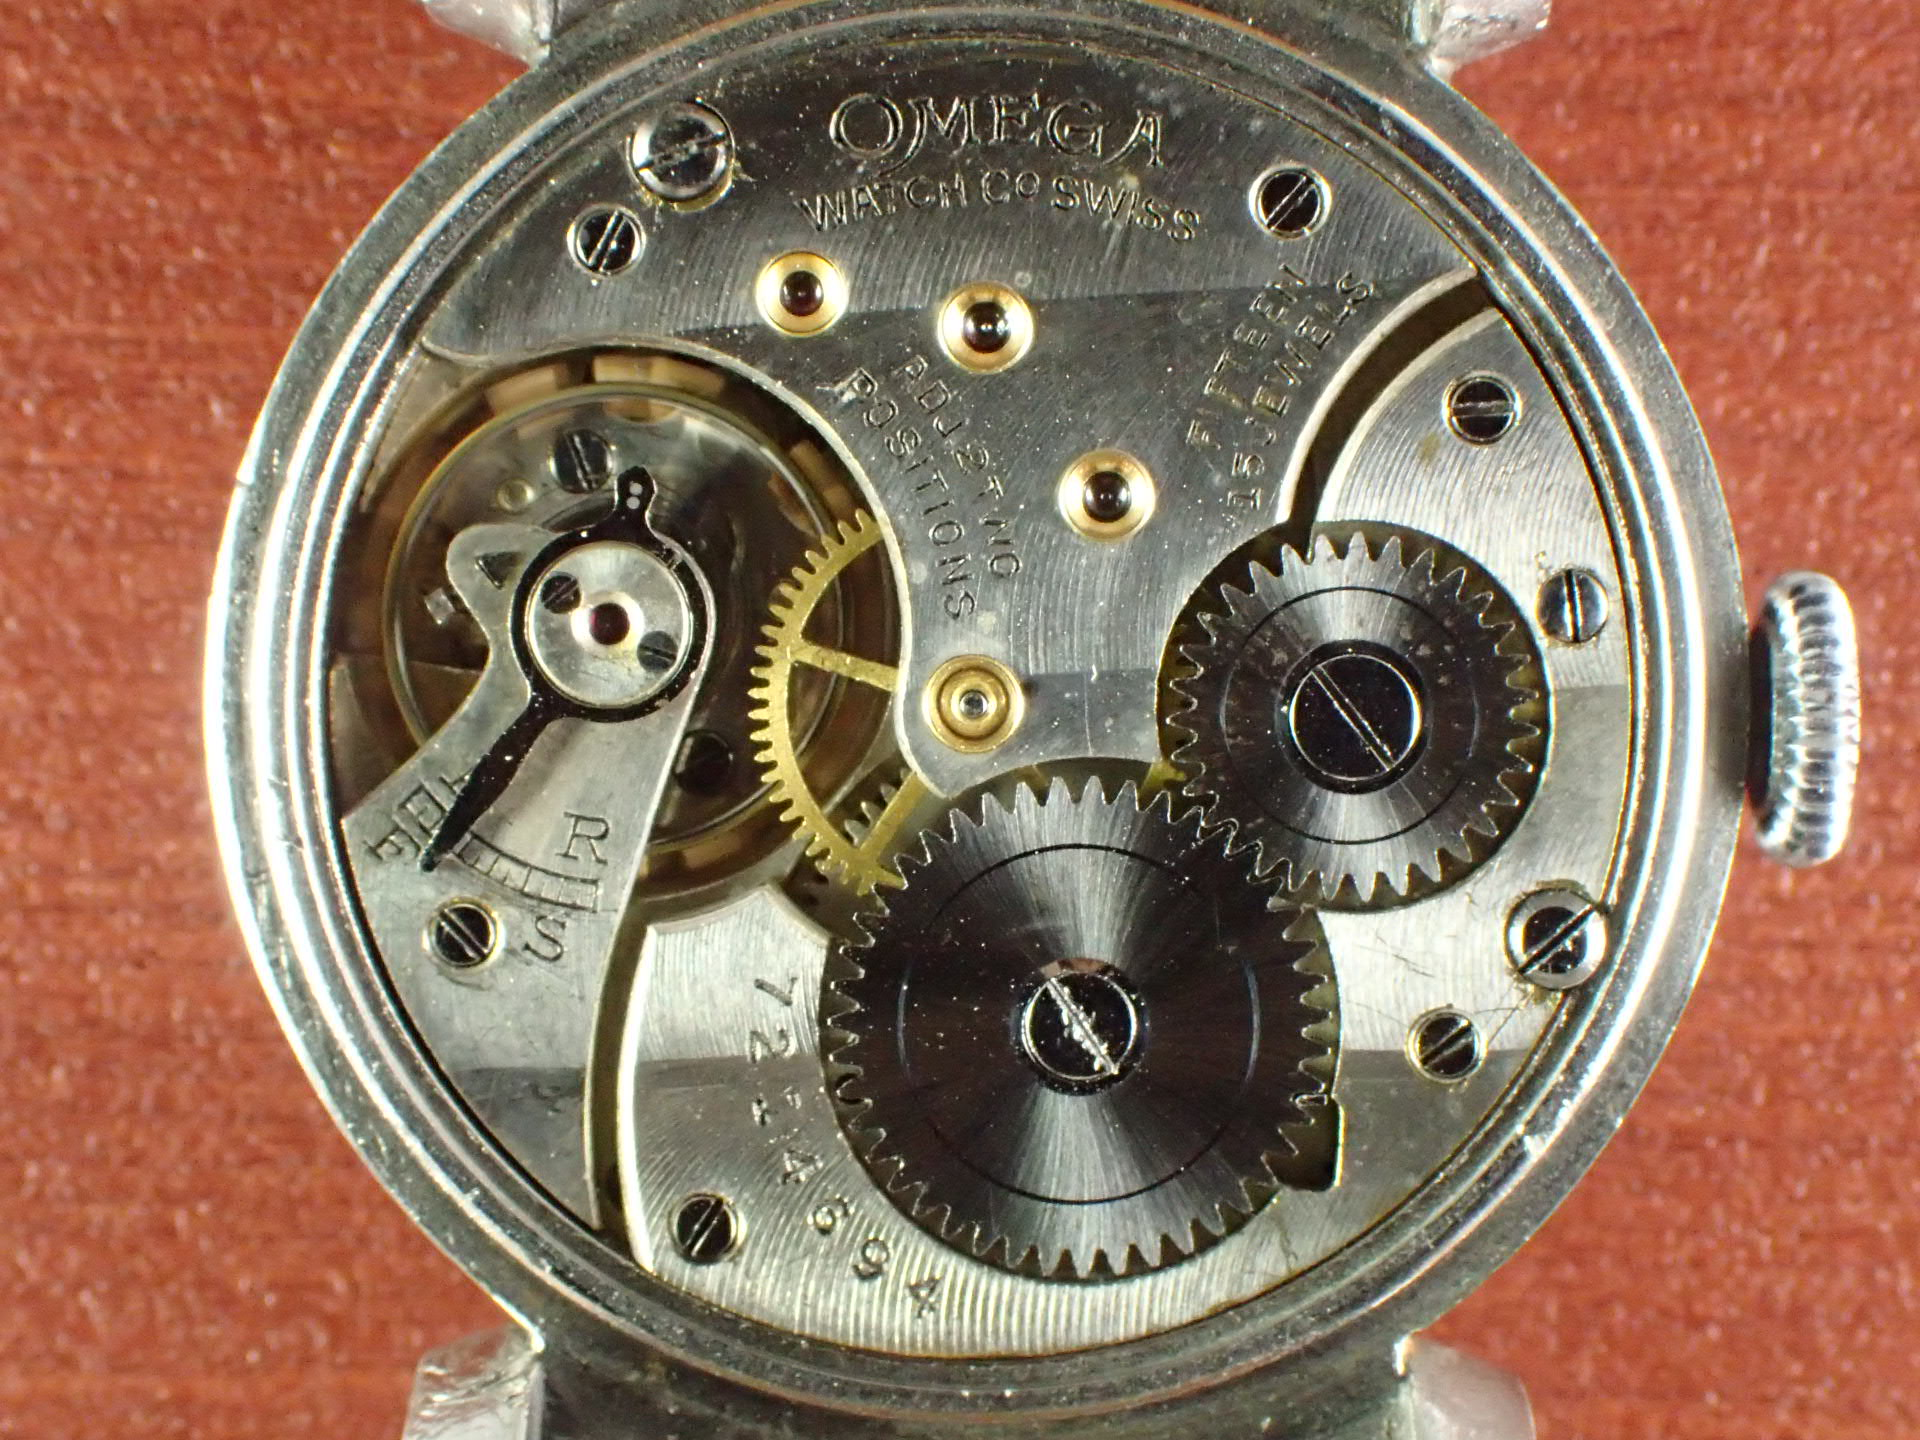 オメガ ポーセリンダイアル スモールセコンド Cal.26.5 SOB 1930年代の写真5枚目